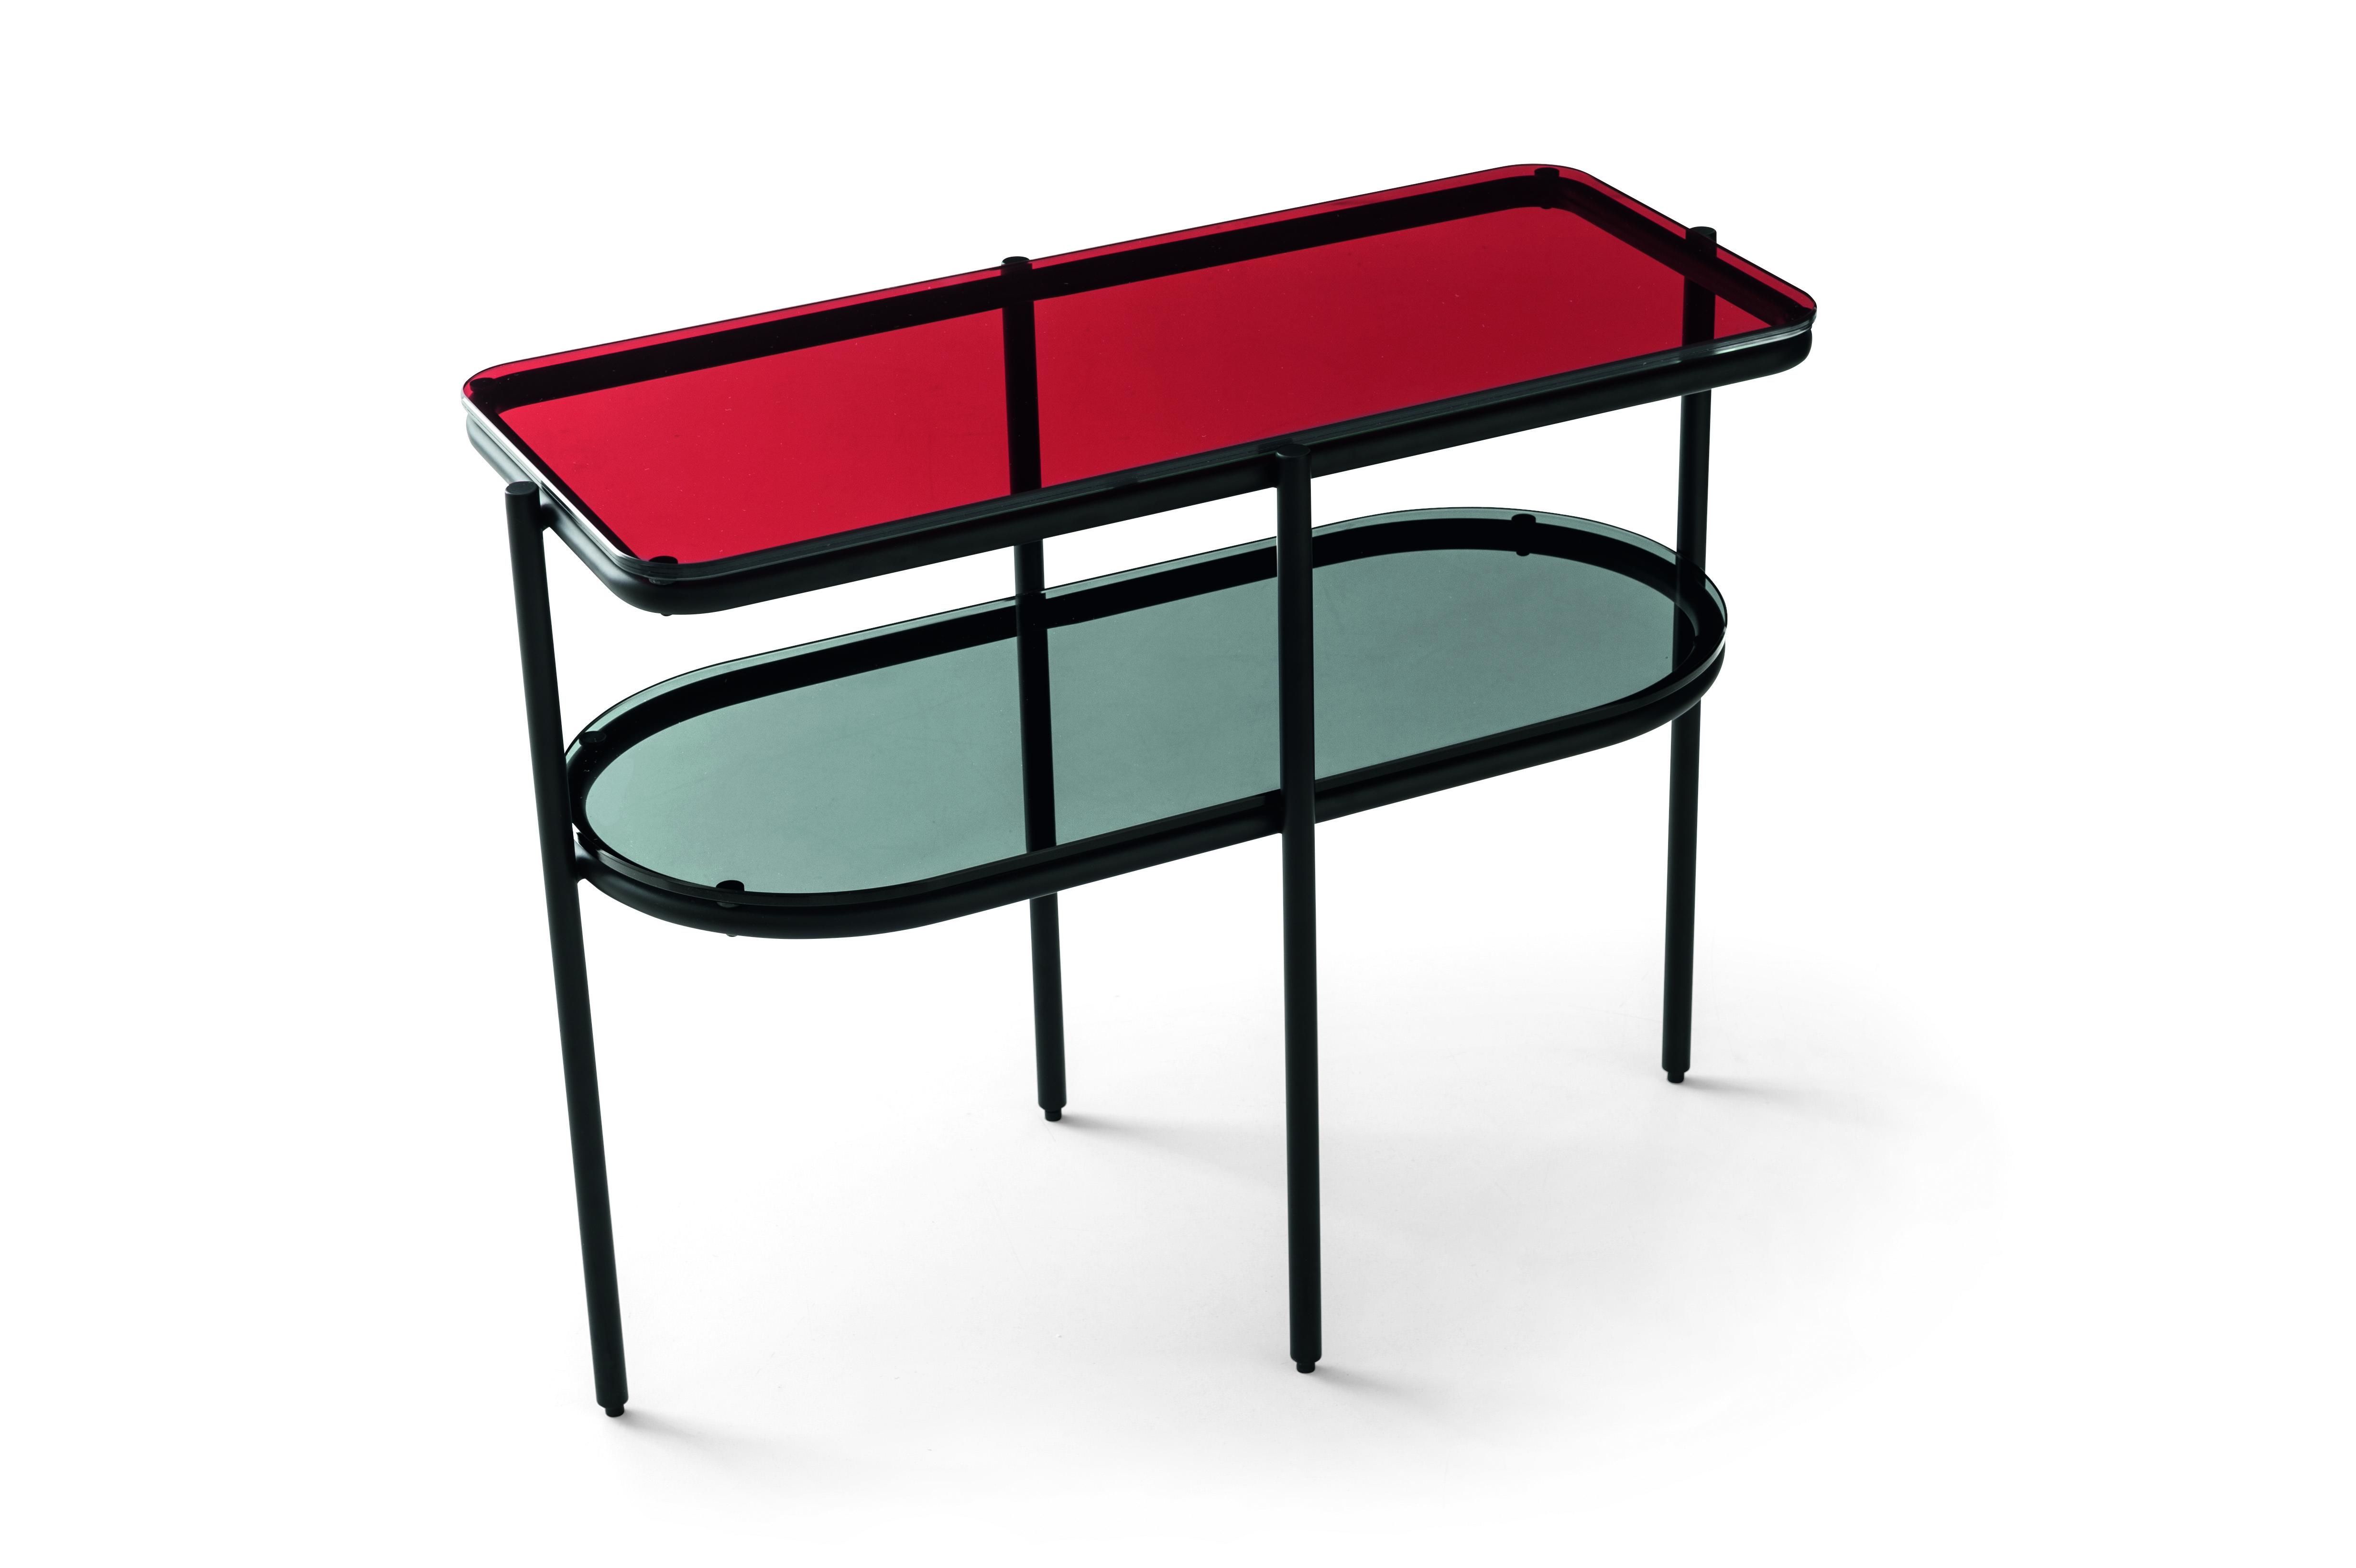 Calligaris Puro table